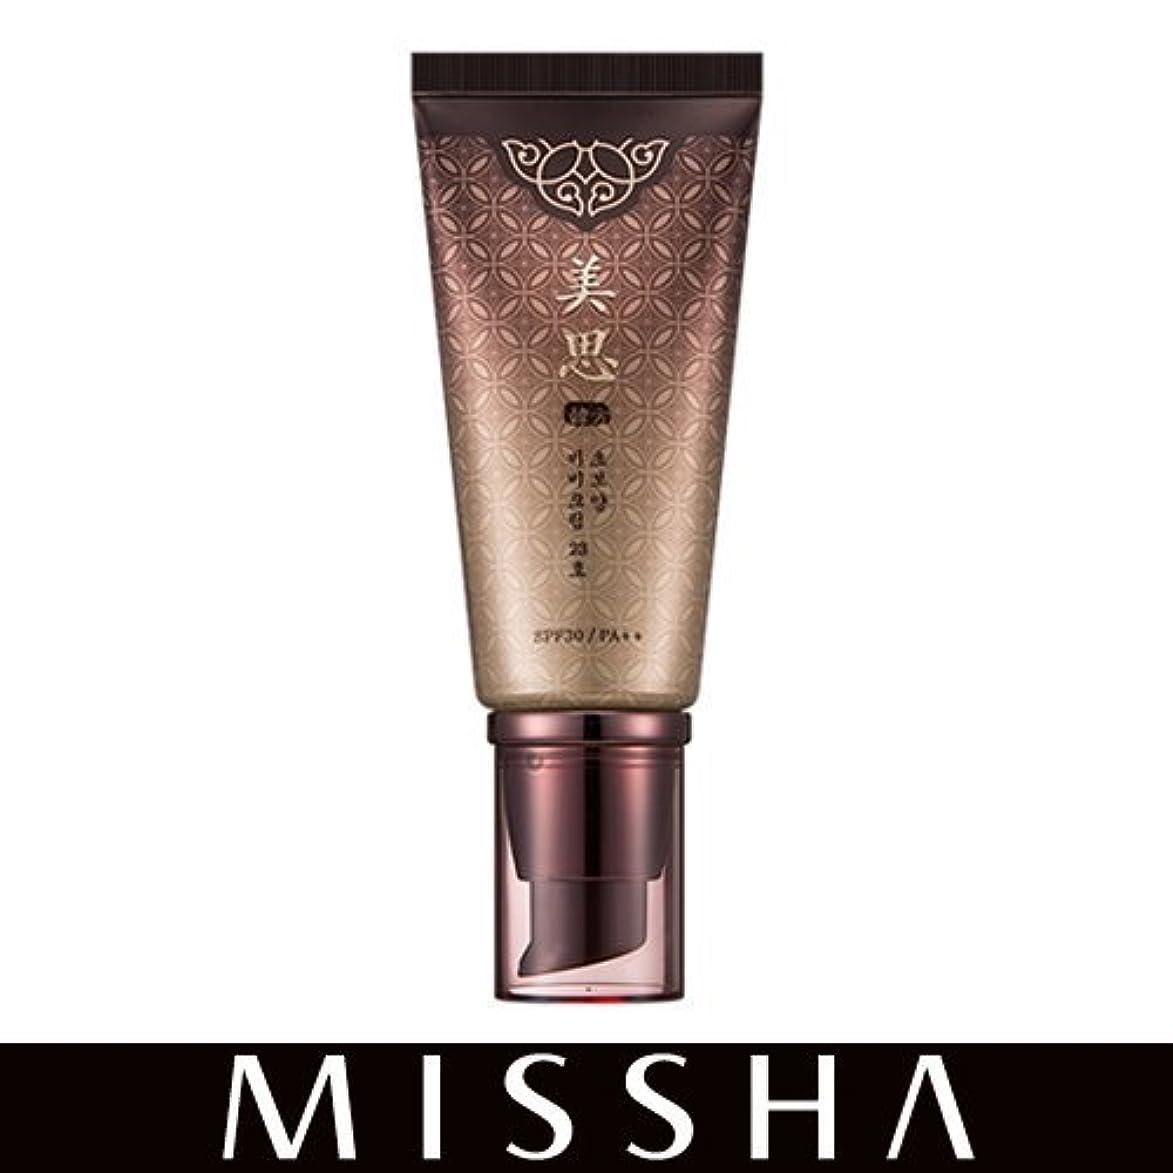 MISSHA/ミシャ チョボヤン BBクリーム(#21 ほのかな光) [海外直送品] [並行輸入品]